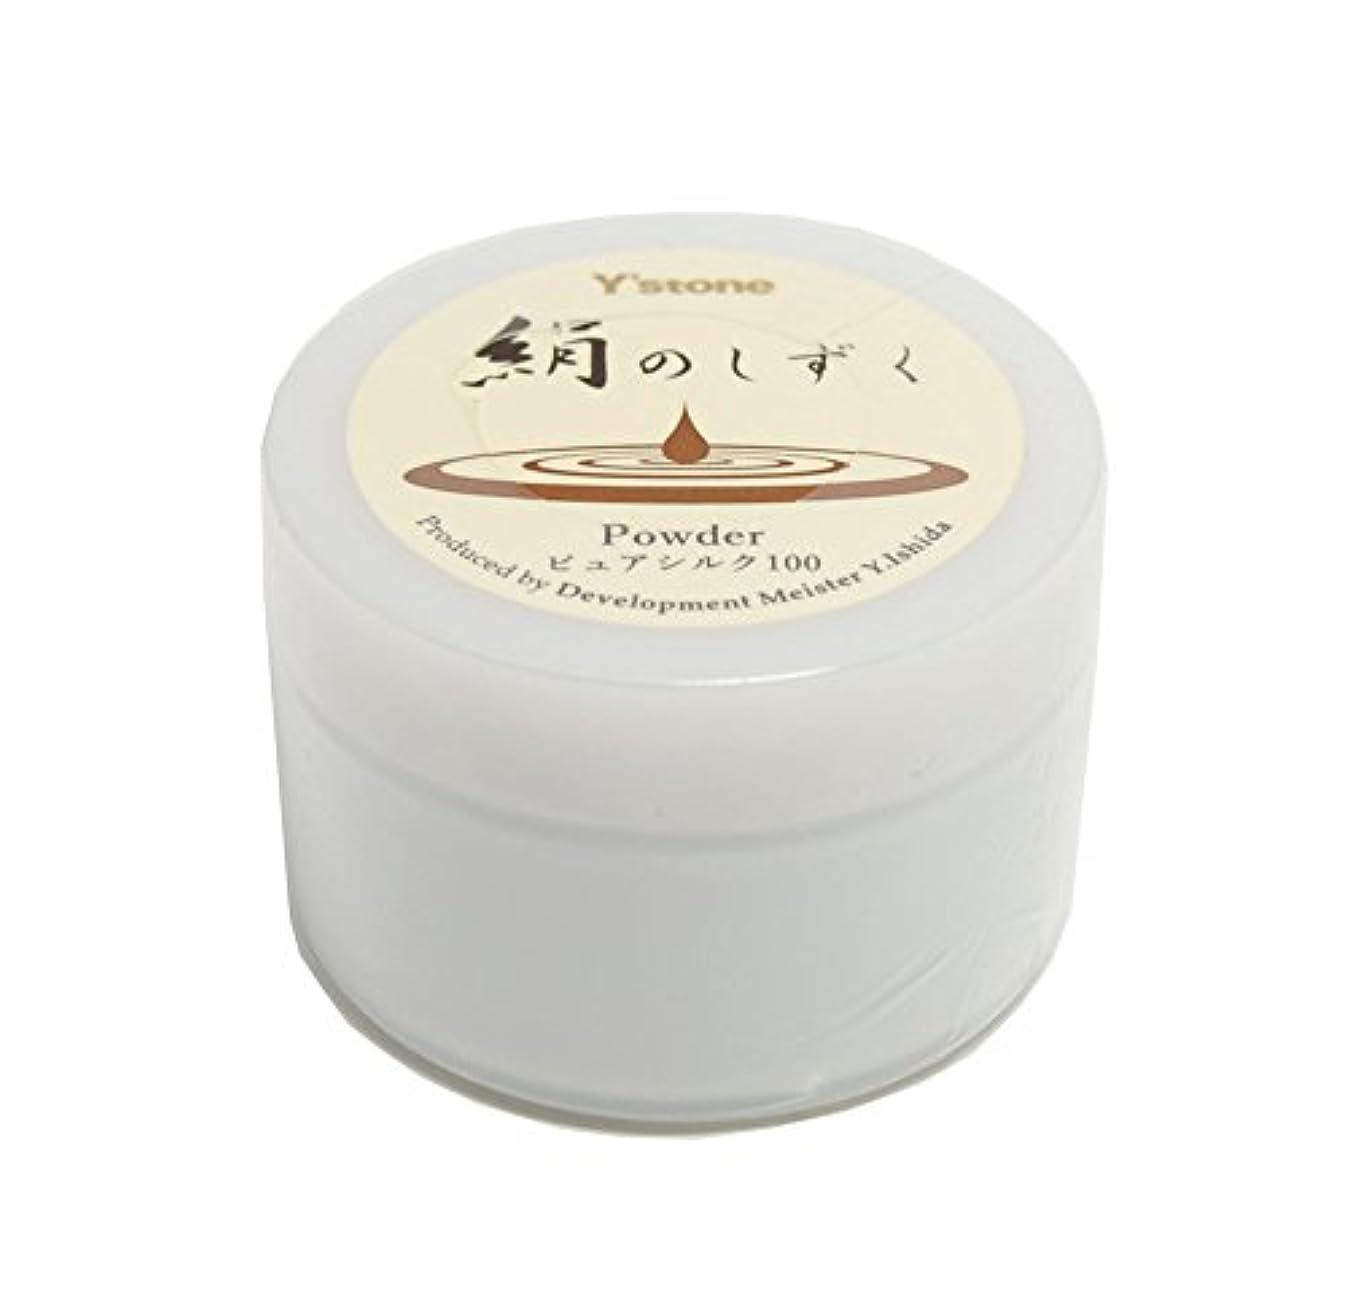 スペイン語ペフタンパク質絹のしずく シルクパウダー100 8g 国産シルク100% 使用。シルク(まゆ)を丸ごと使用☆自然の日焼けを防ぐ効果が期待